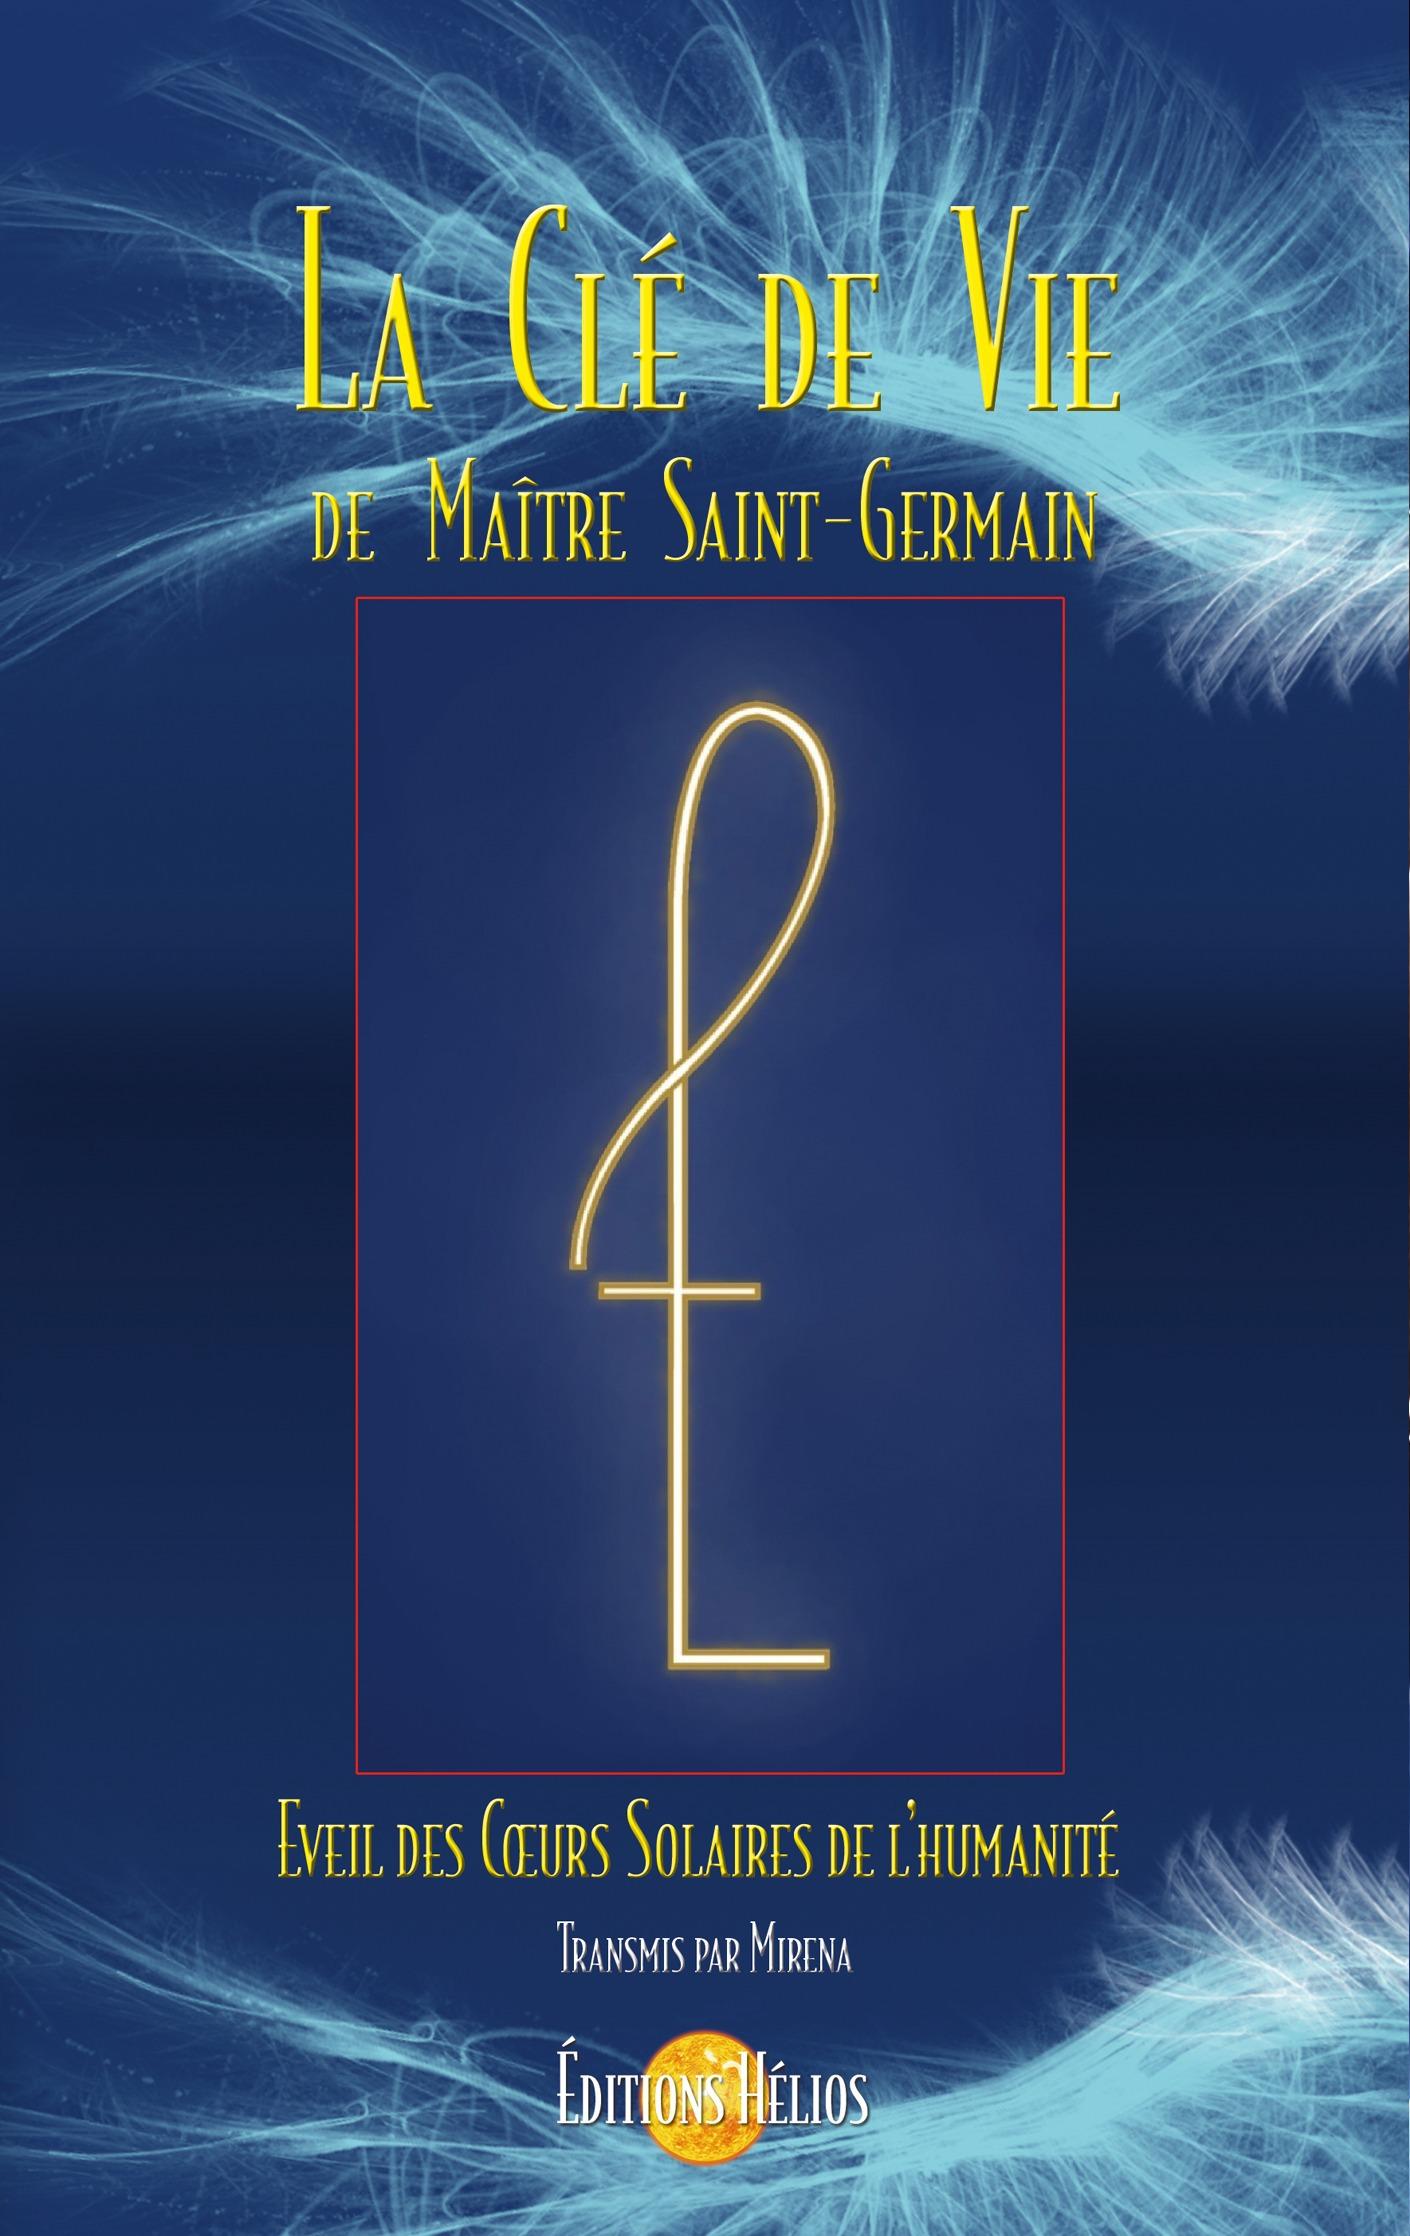 La clé de vie de maître Saint-Germain